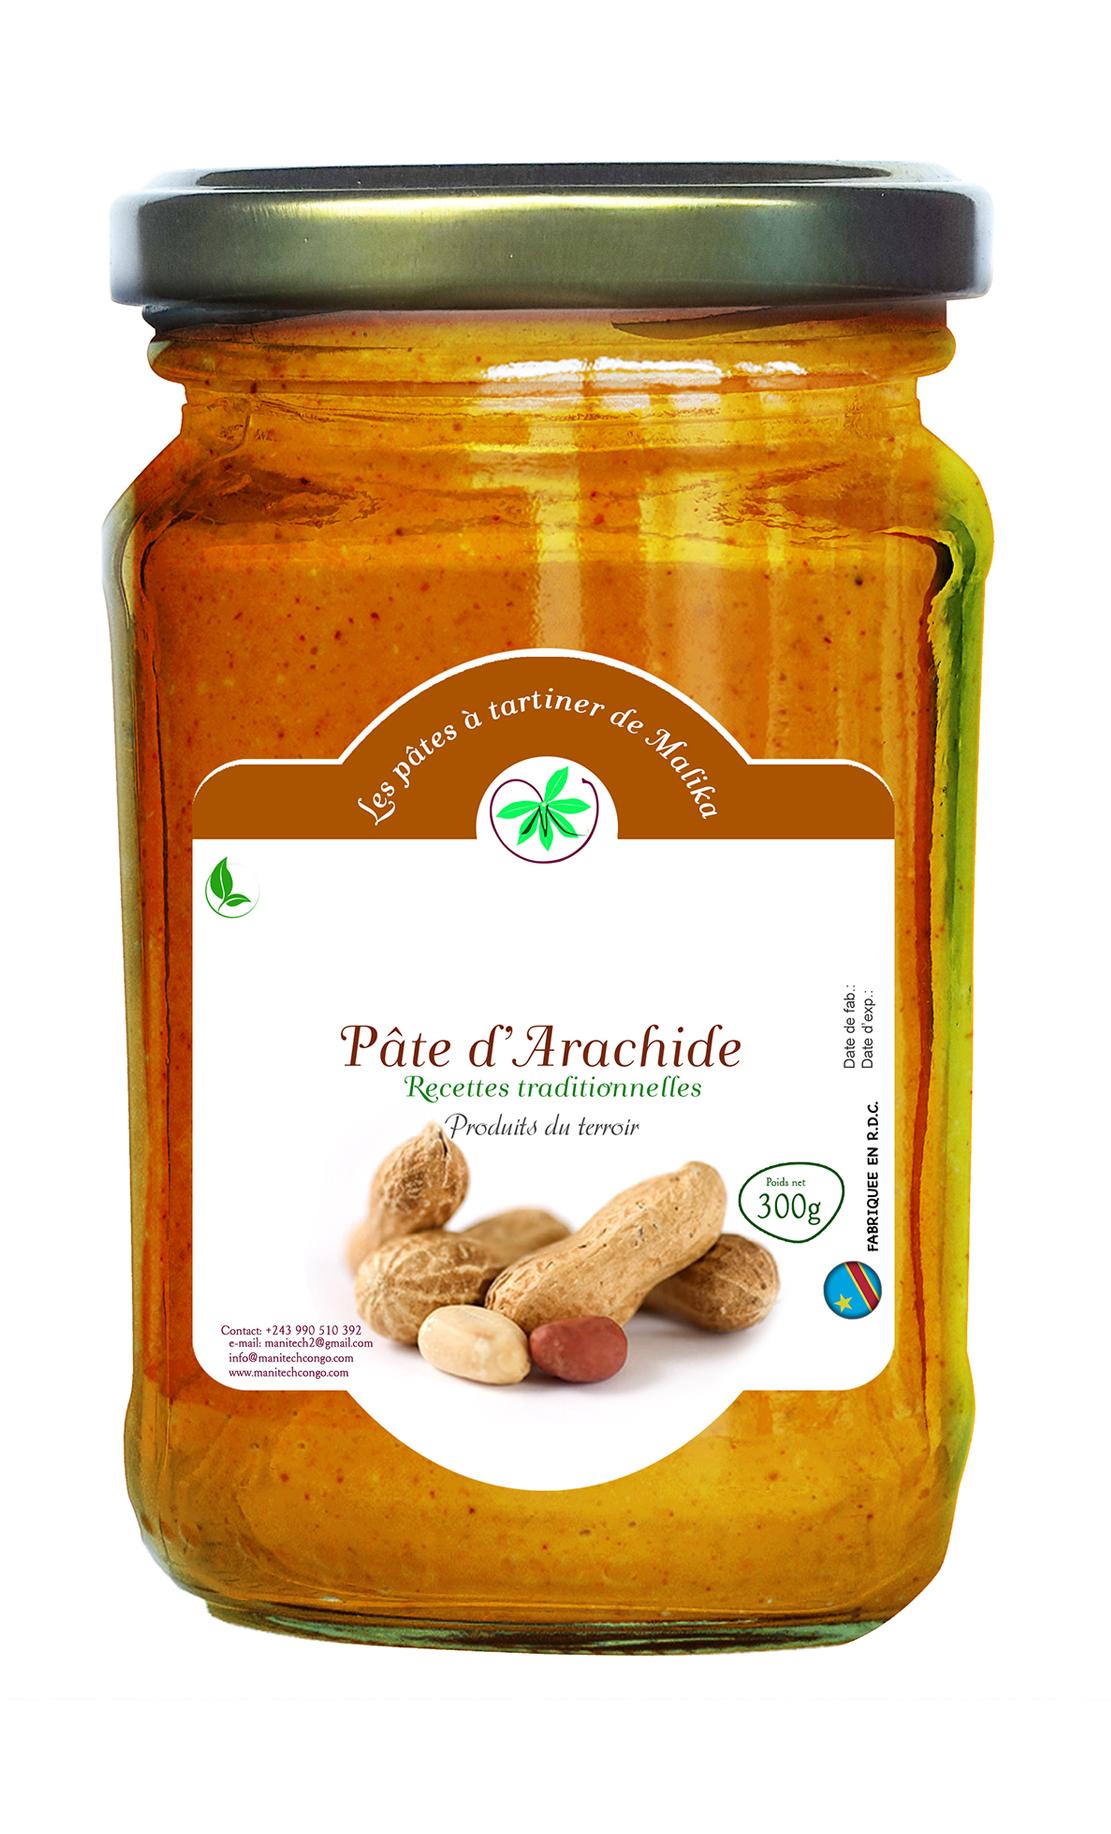 Pâte d'arachides-Manitech Congo-2019